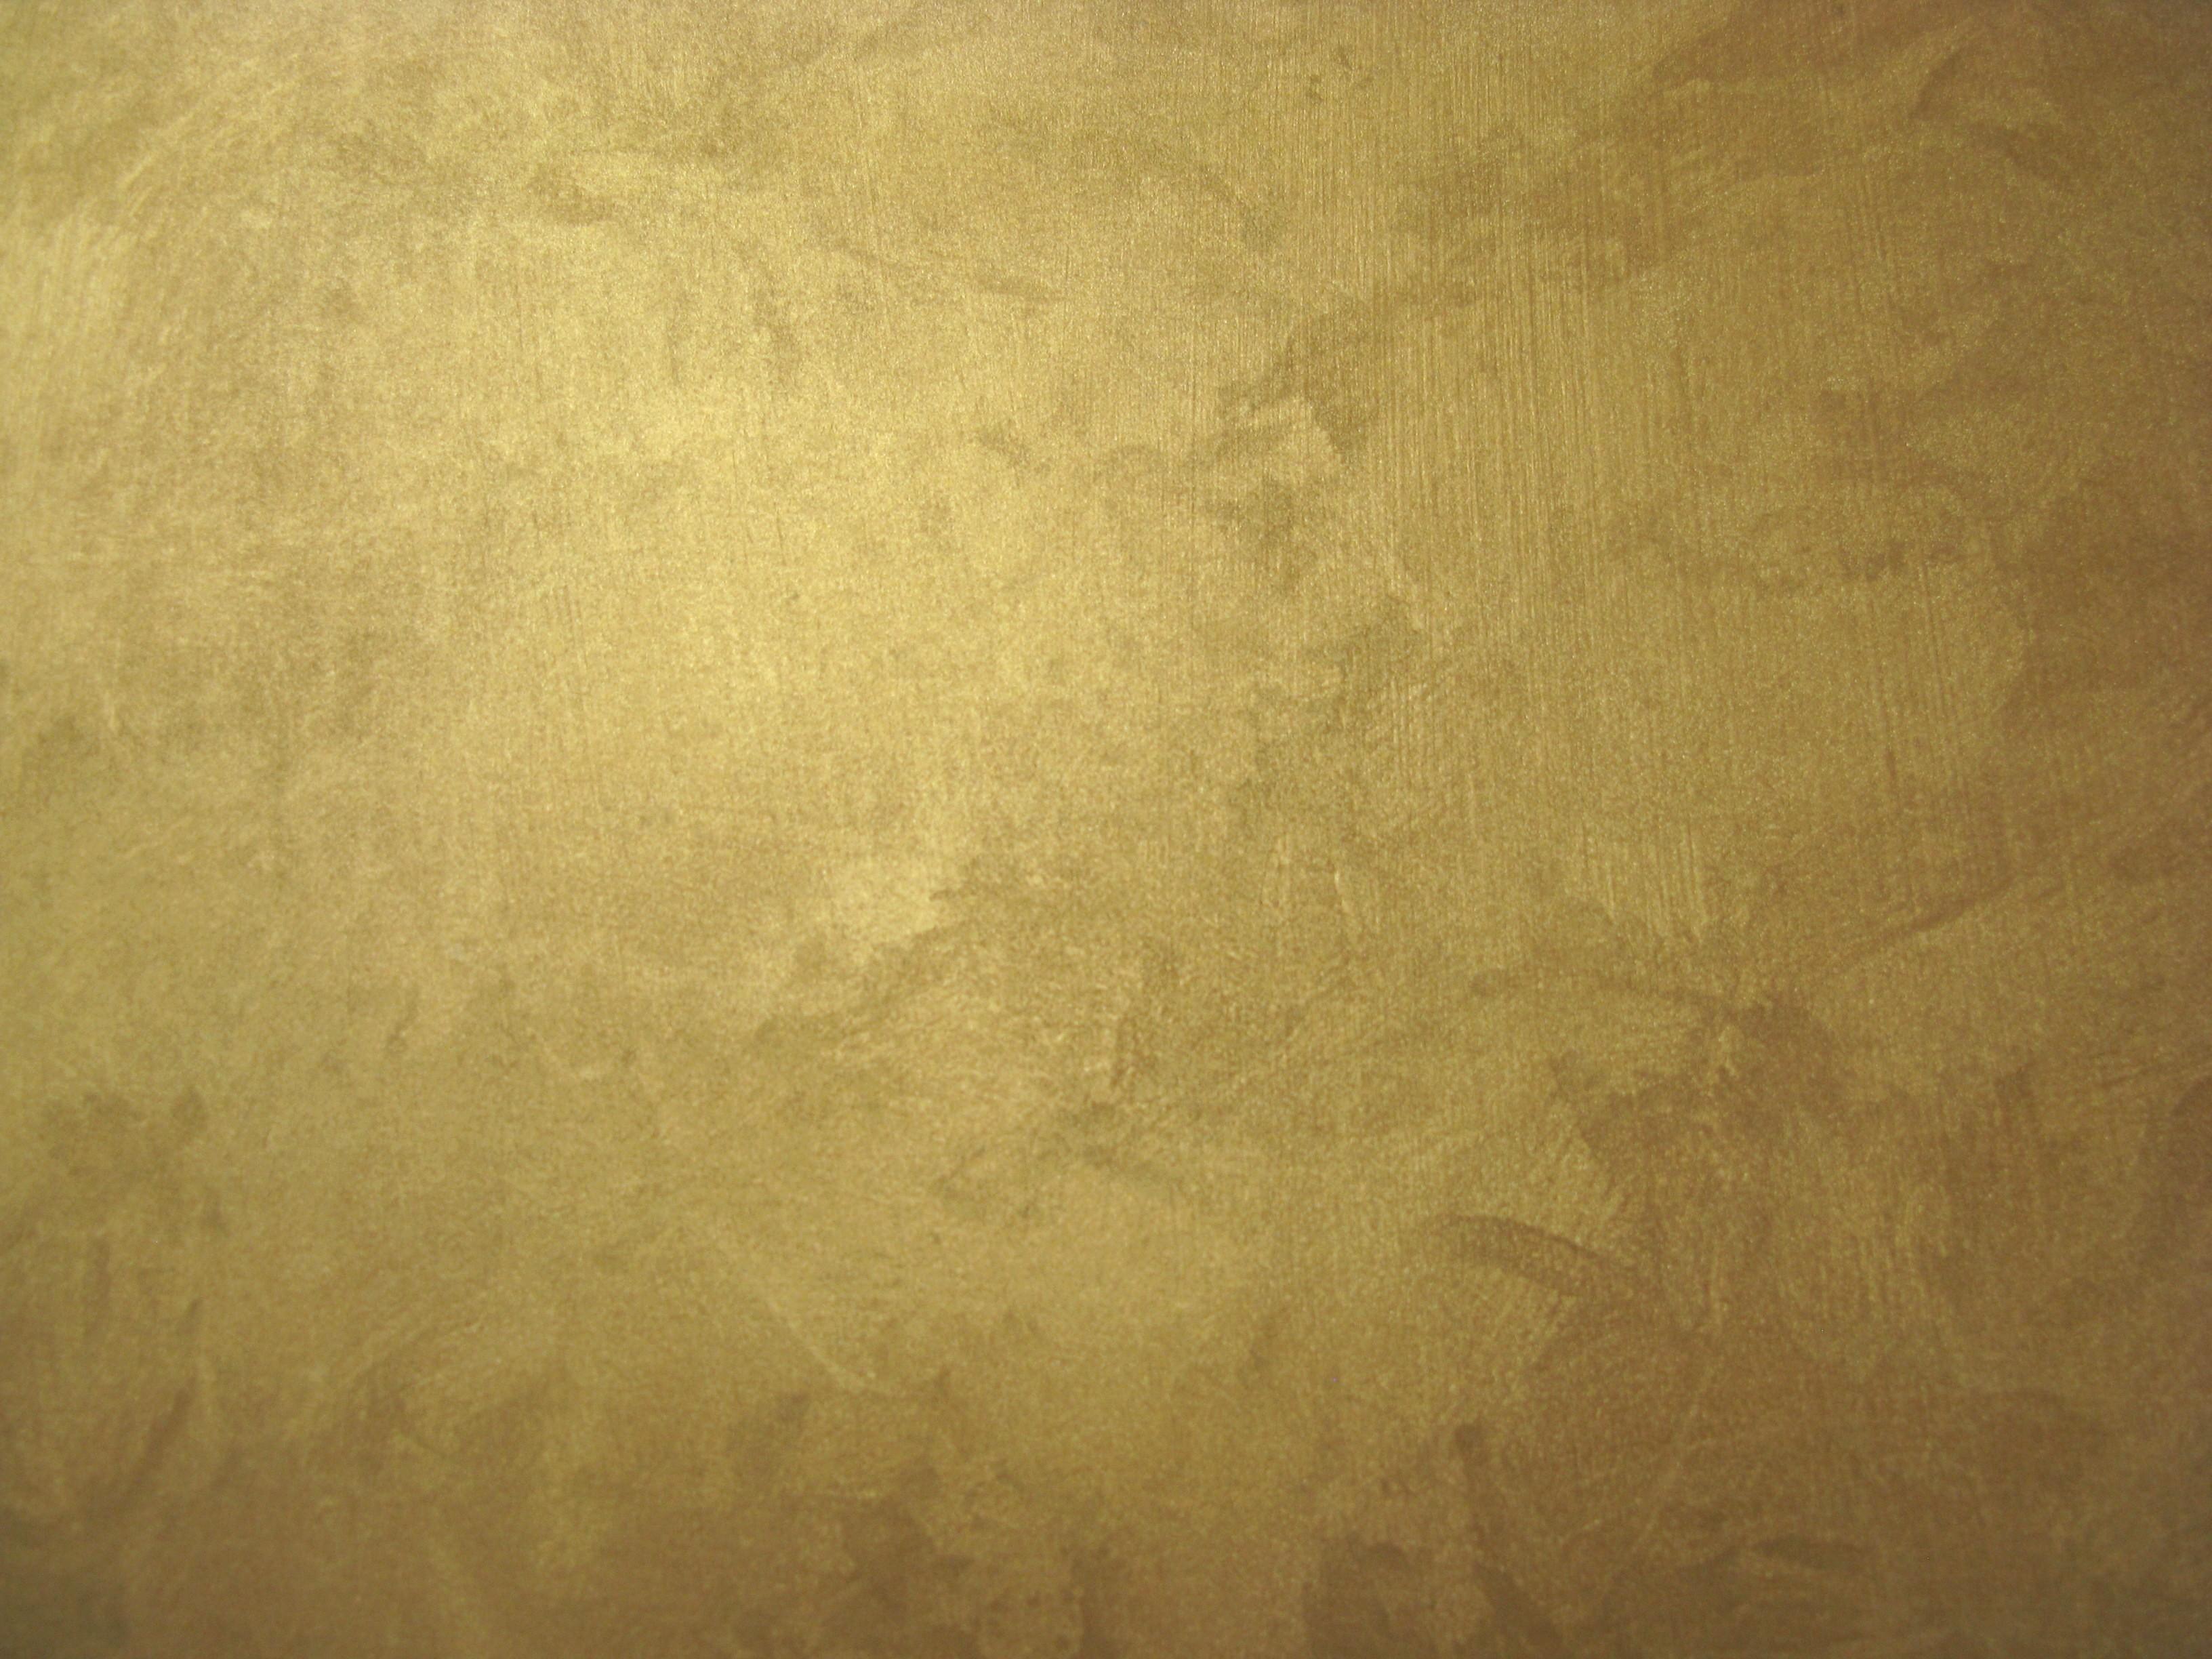 Impex color marmorino stucco decorazioni di interni for Stucco veneziano argento